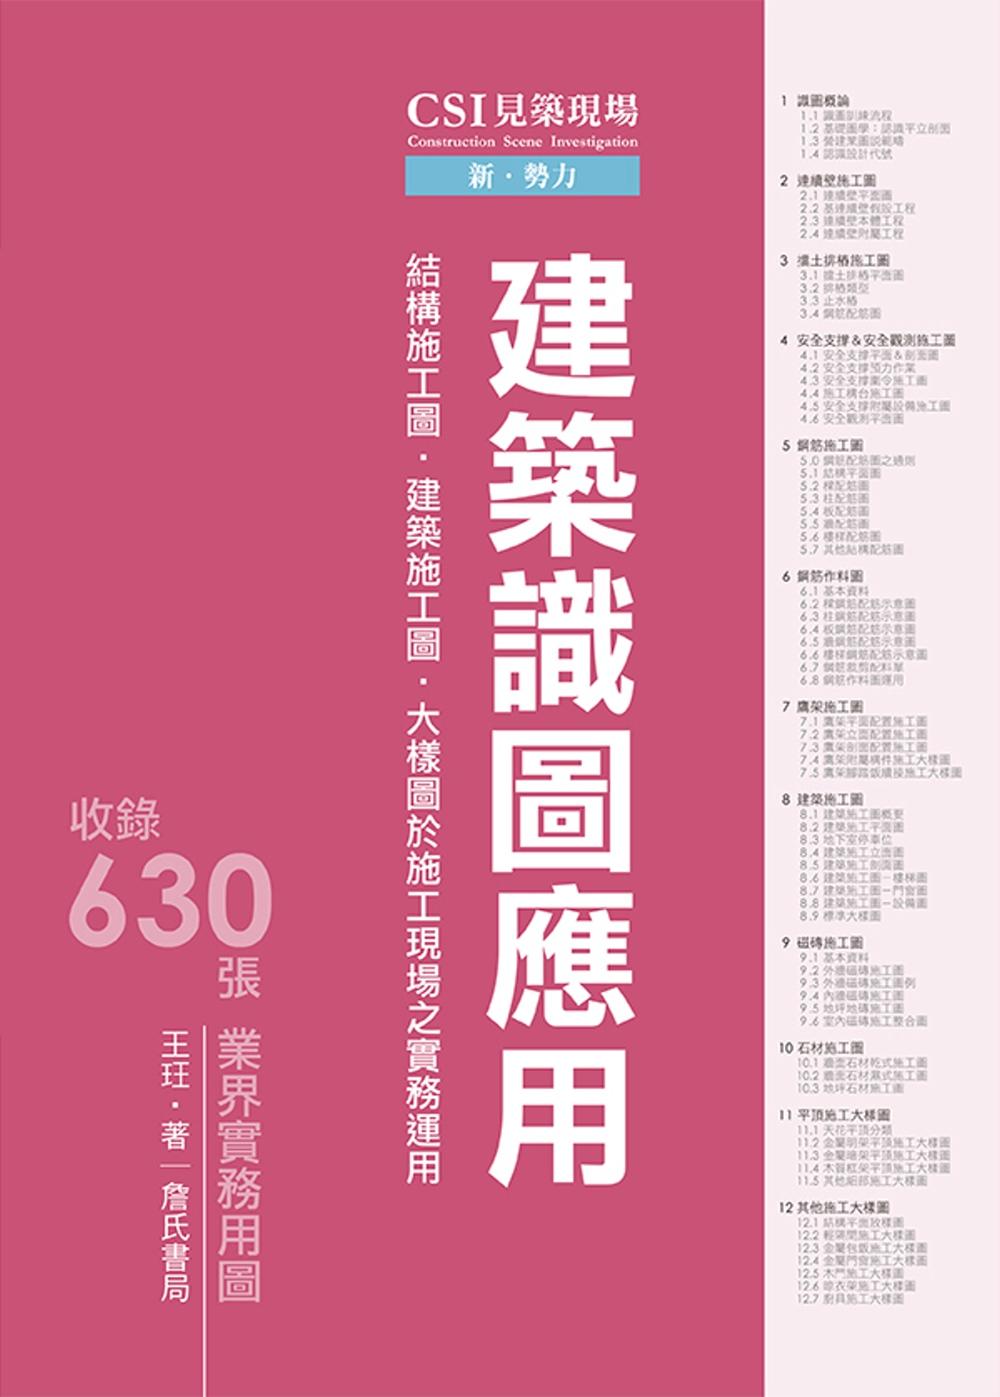 CSI見築現場第一冊:建築識圖應用「結構施工圖、建築施工圖、大樣圖於施工現場之實務運用」